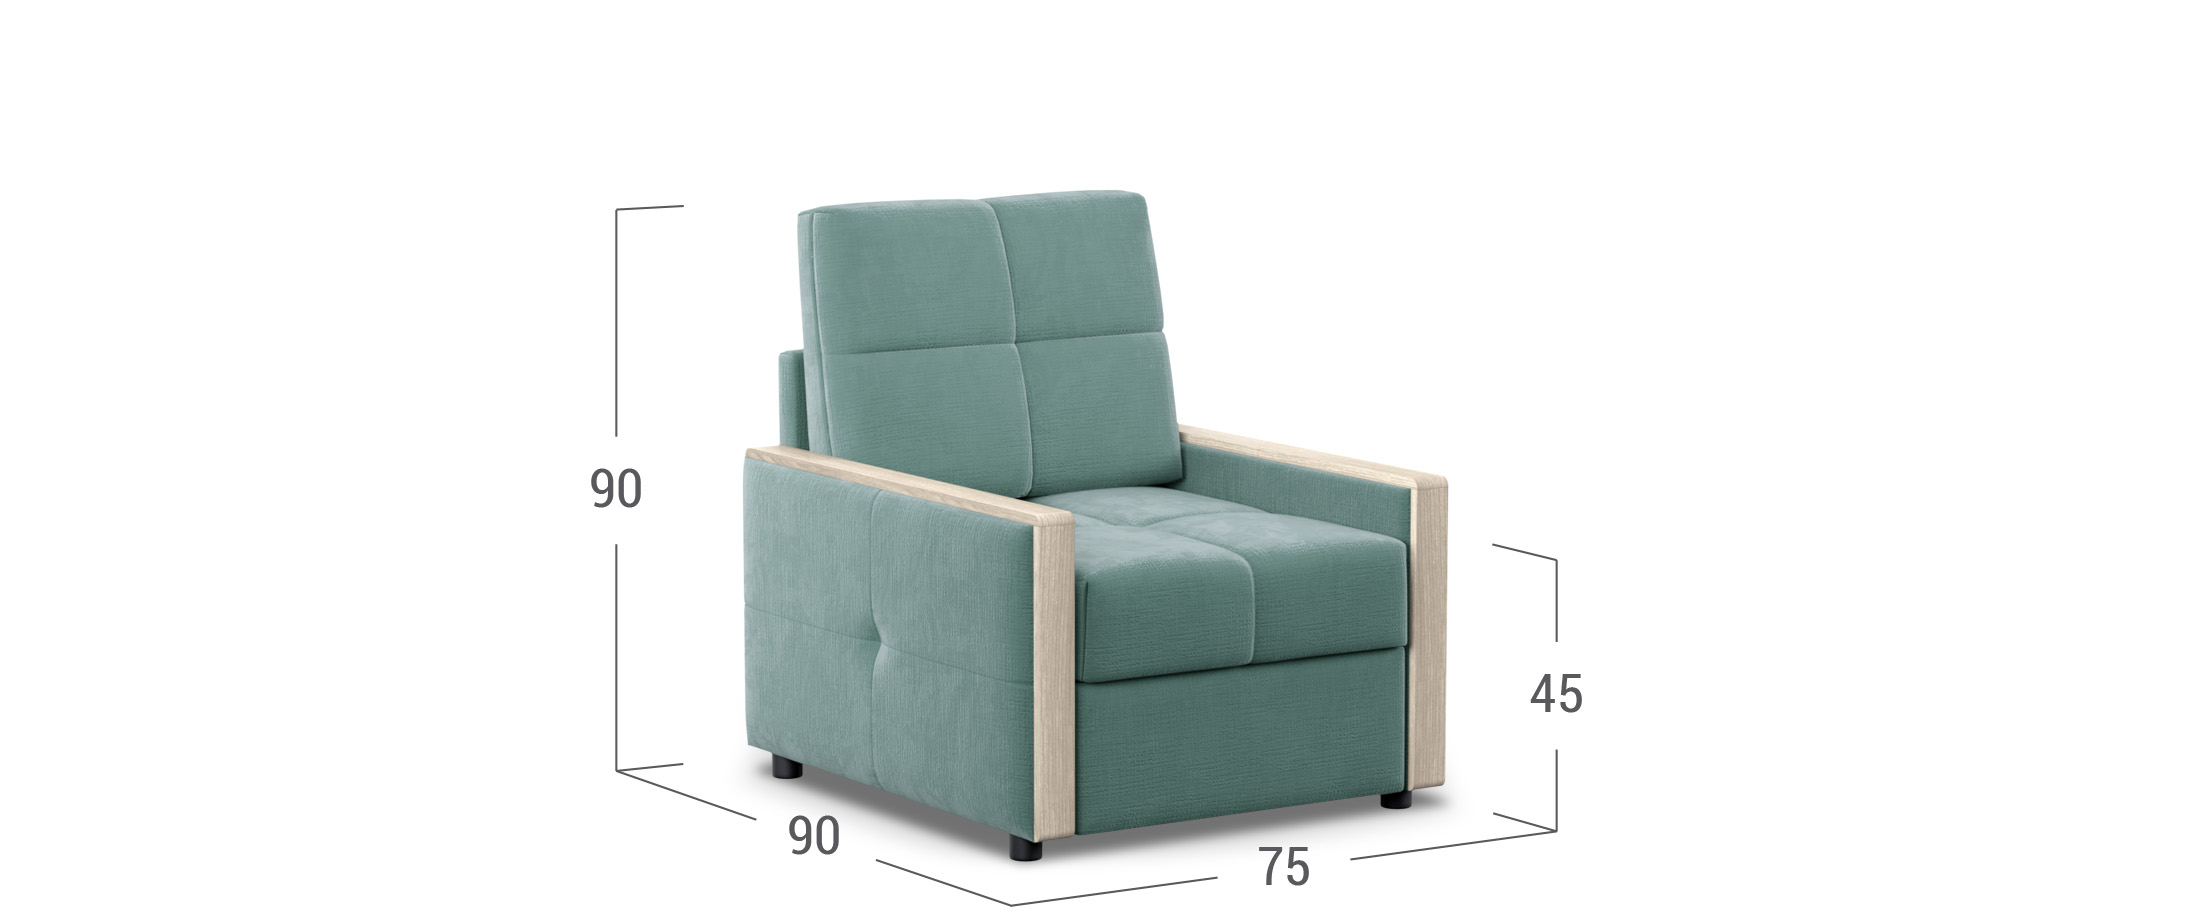 Кресло тканевое Мадрид 125